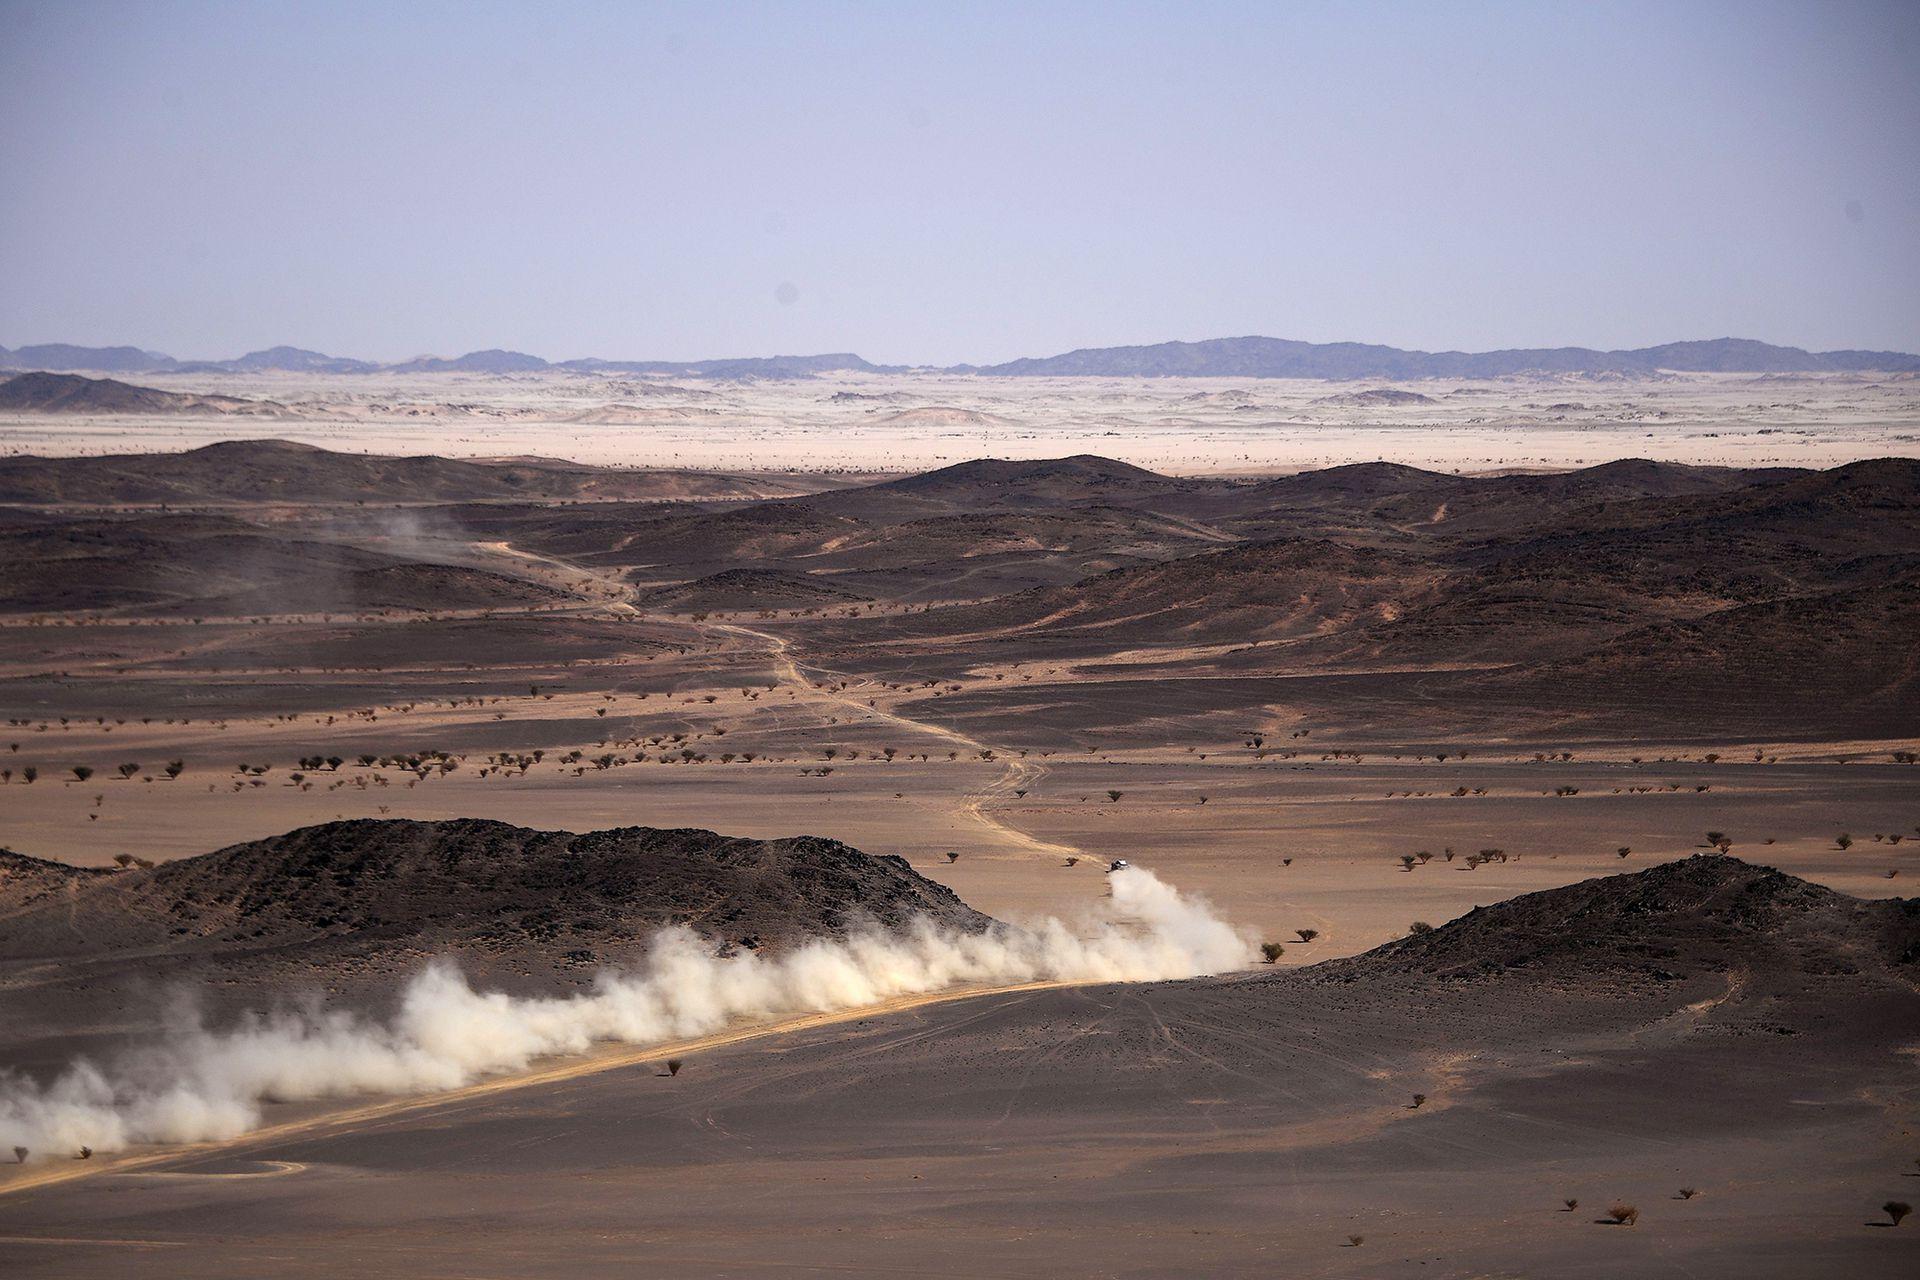 Un participante compite durante la Etapa 2 del Rally Dakar 2021 entre Bisha y Wadi Ad-Dawasir en Arabia Saudita el 4 de enero de 2021